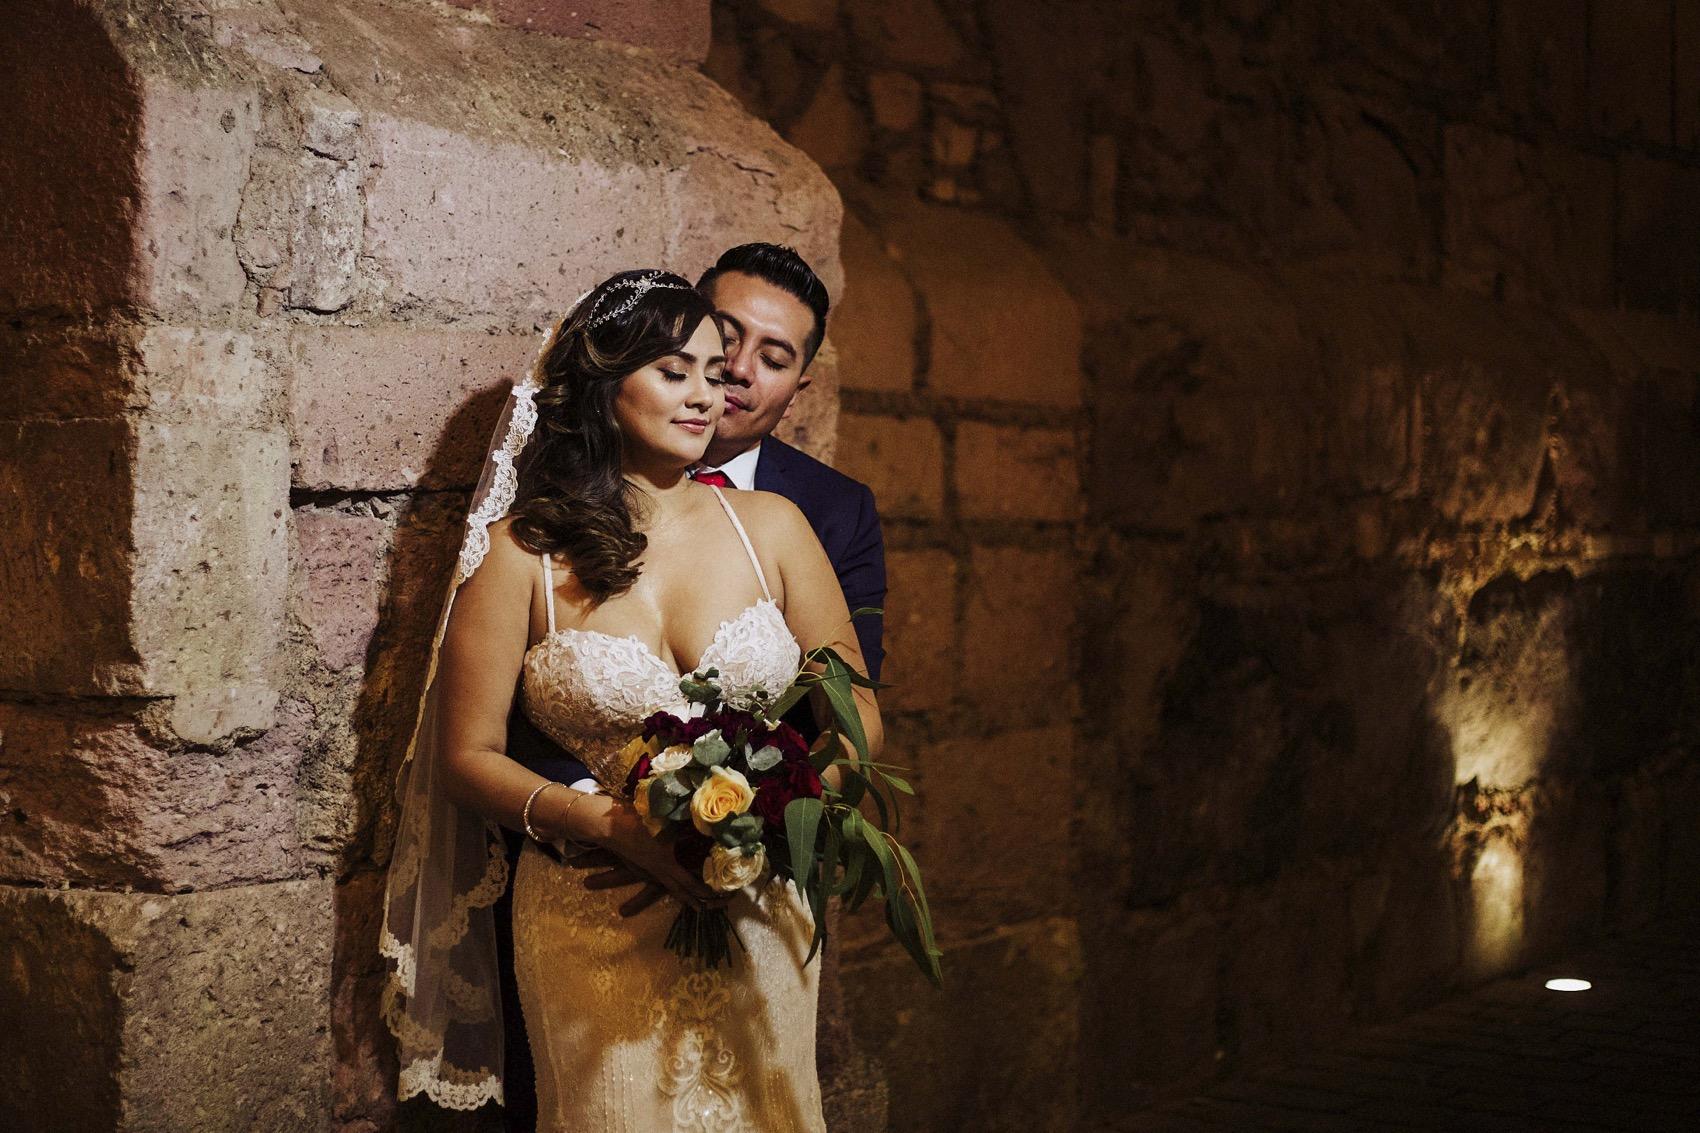 fotografo_profesional_bodas_zacatecas_mexico-49